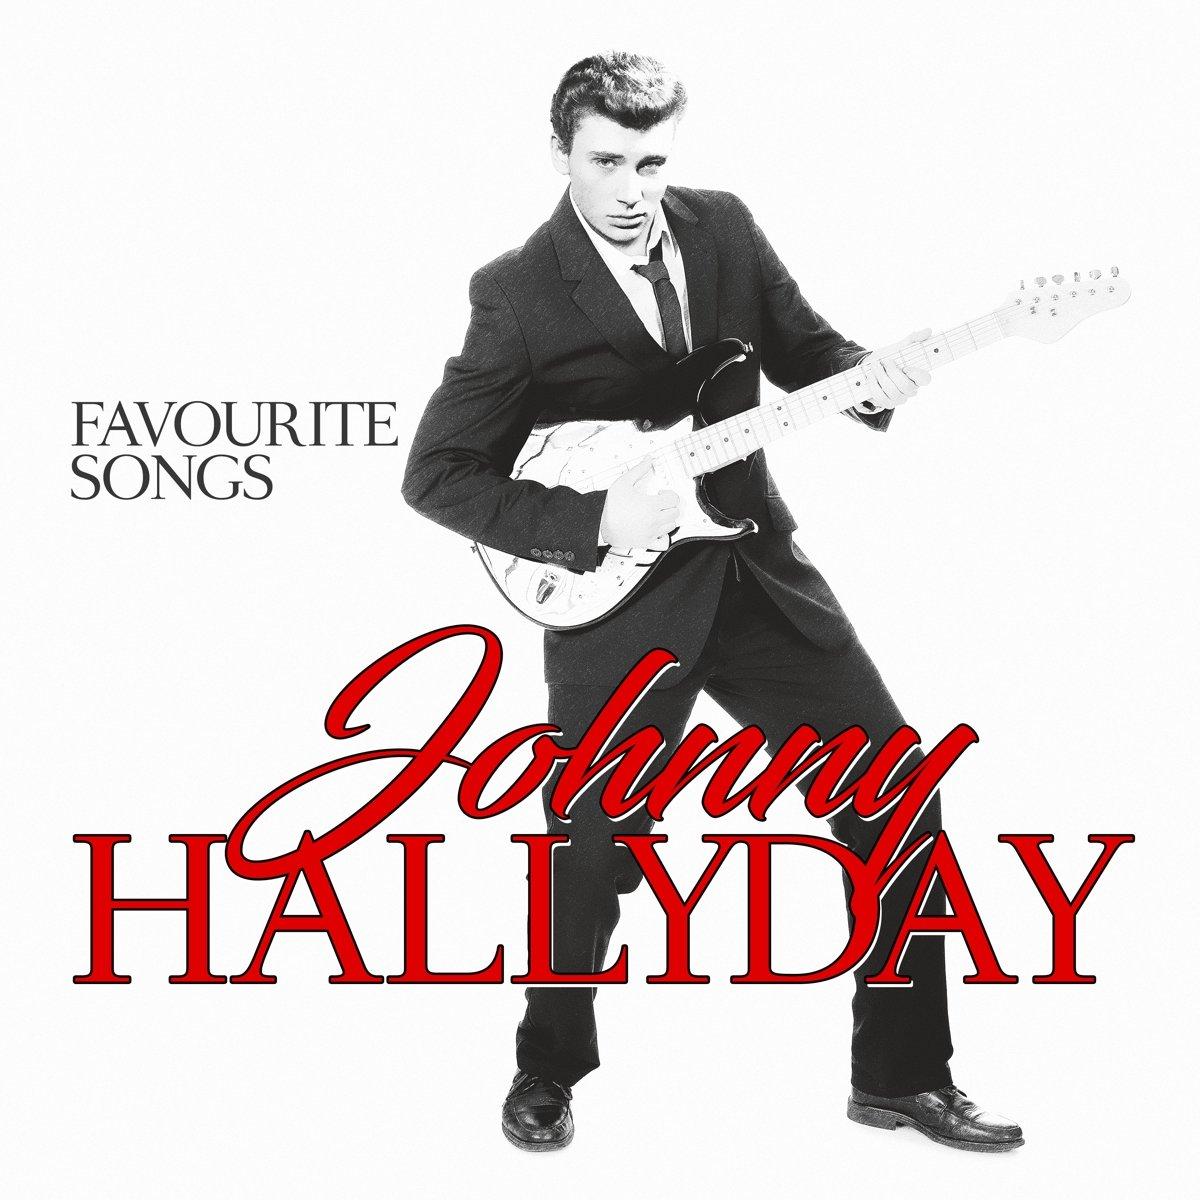 Джонни Холлидей Johnny Hallyday. Favourite Songs (LP) джонни холлидей johnny hallyday born rocker tour concert au theatre de paris 2 lp